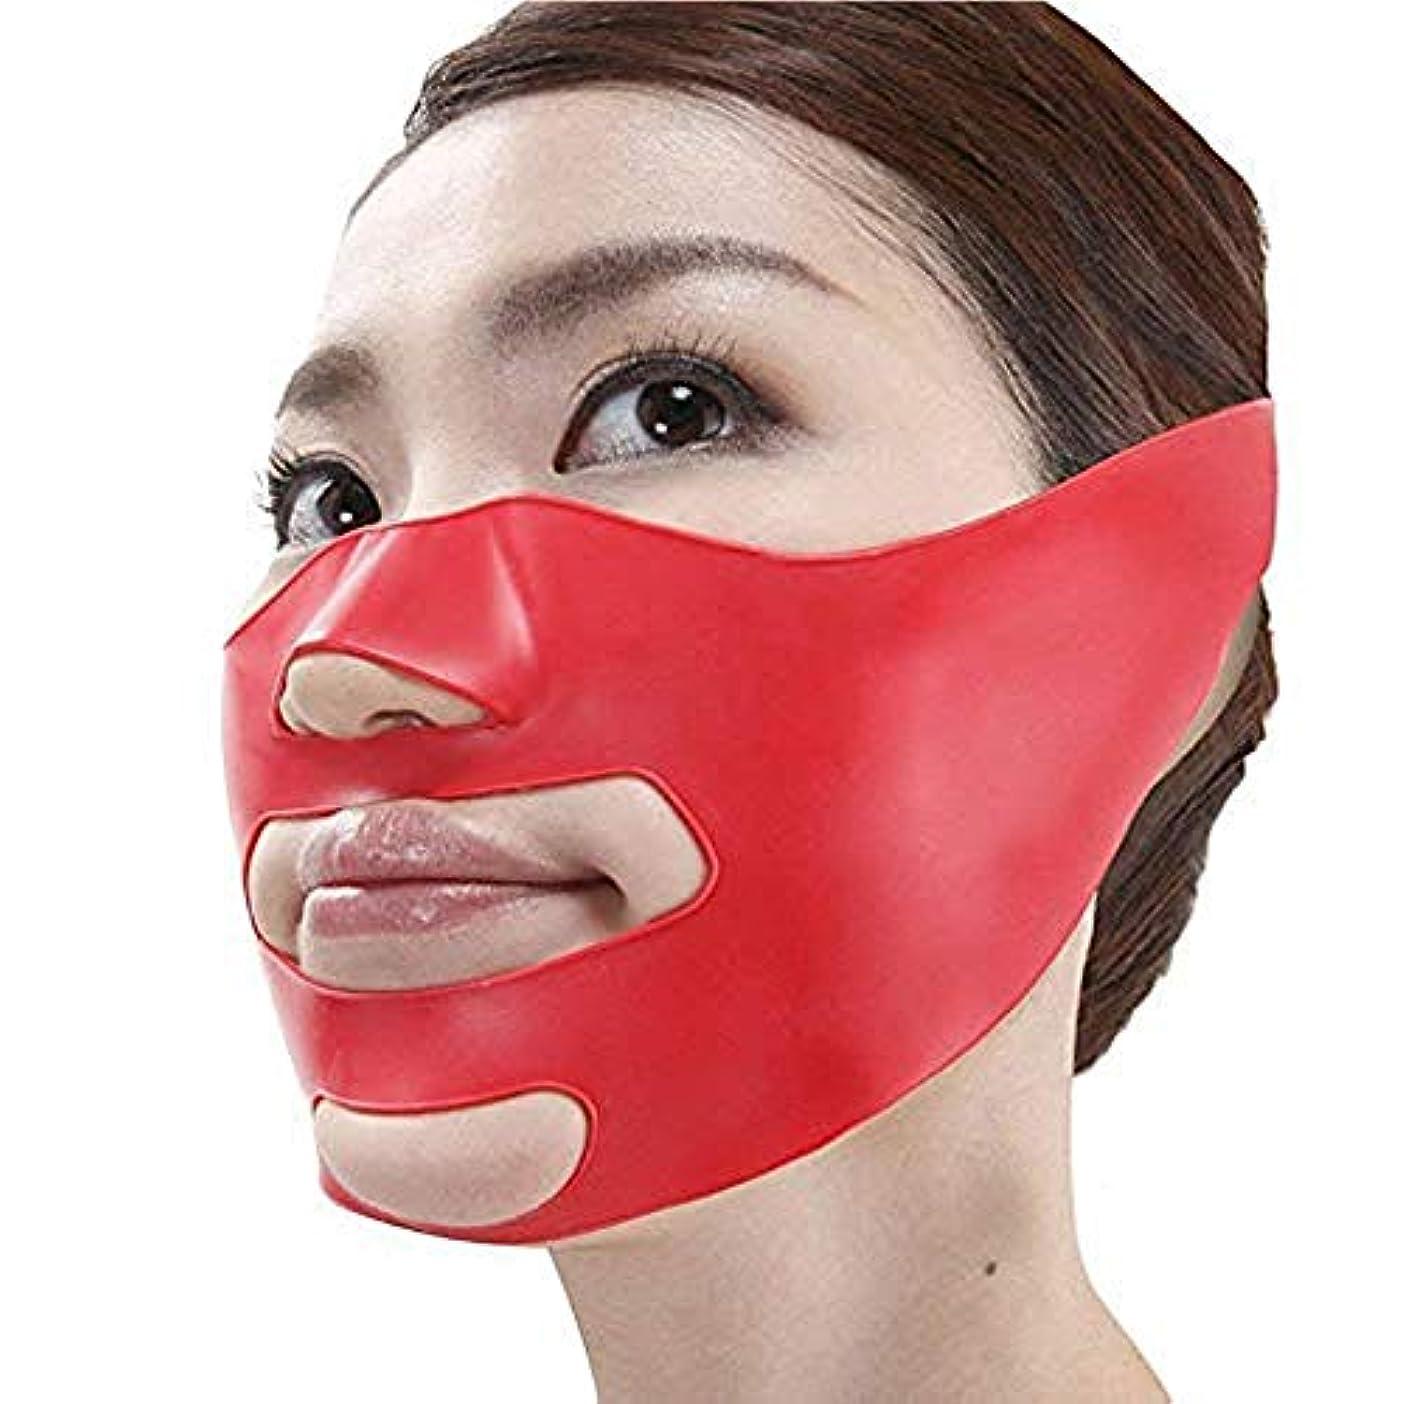 エージェント面白いストレンジャーMilent 小顔矯正 マスク 小顔補正ベルト ほうれい線 リフトスリムマスク 3Dエクササイズマスク 法令線予防 抗シワ サウナマスク 美顔 フリーサイズ